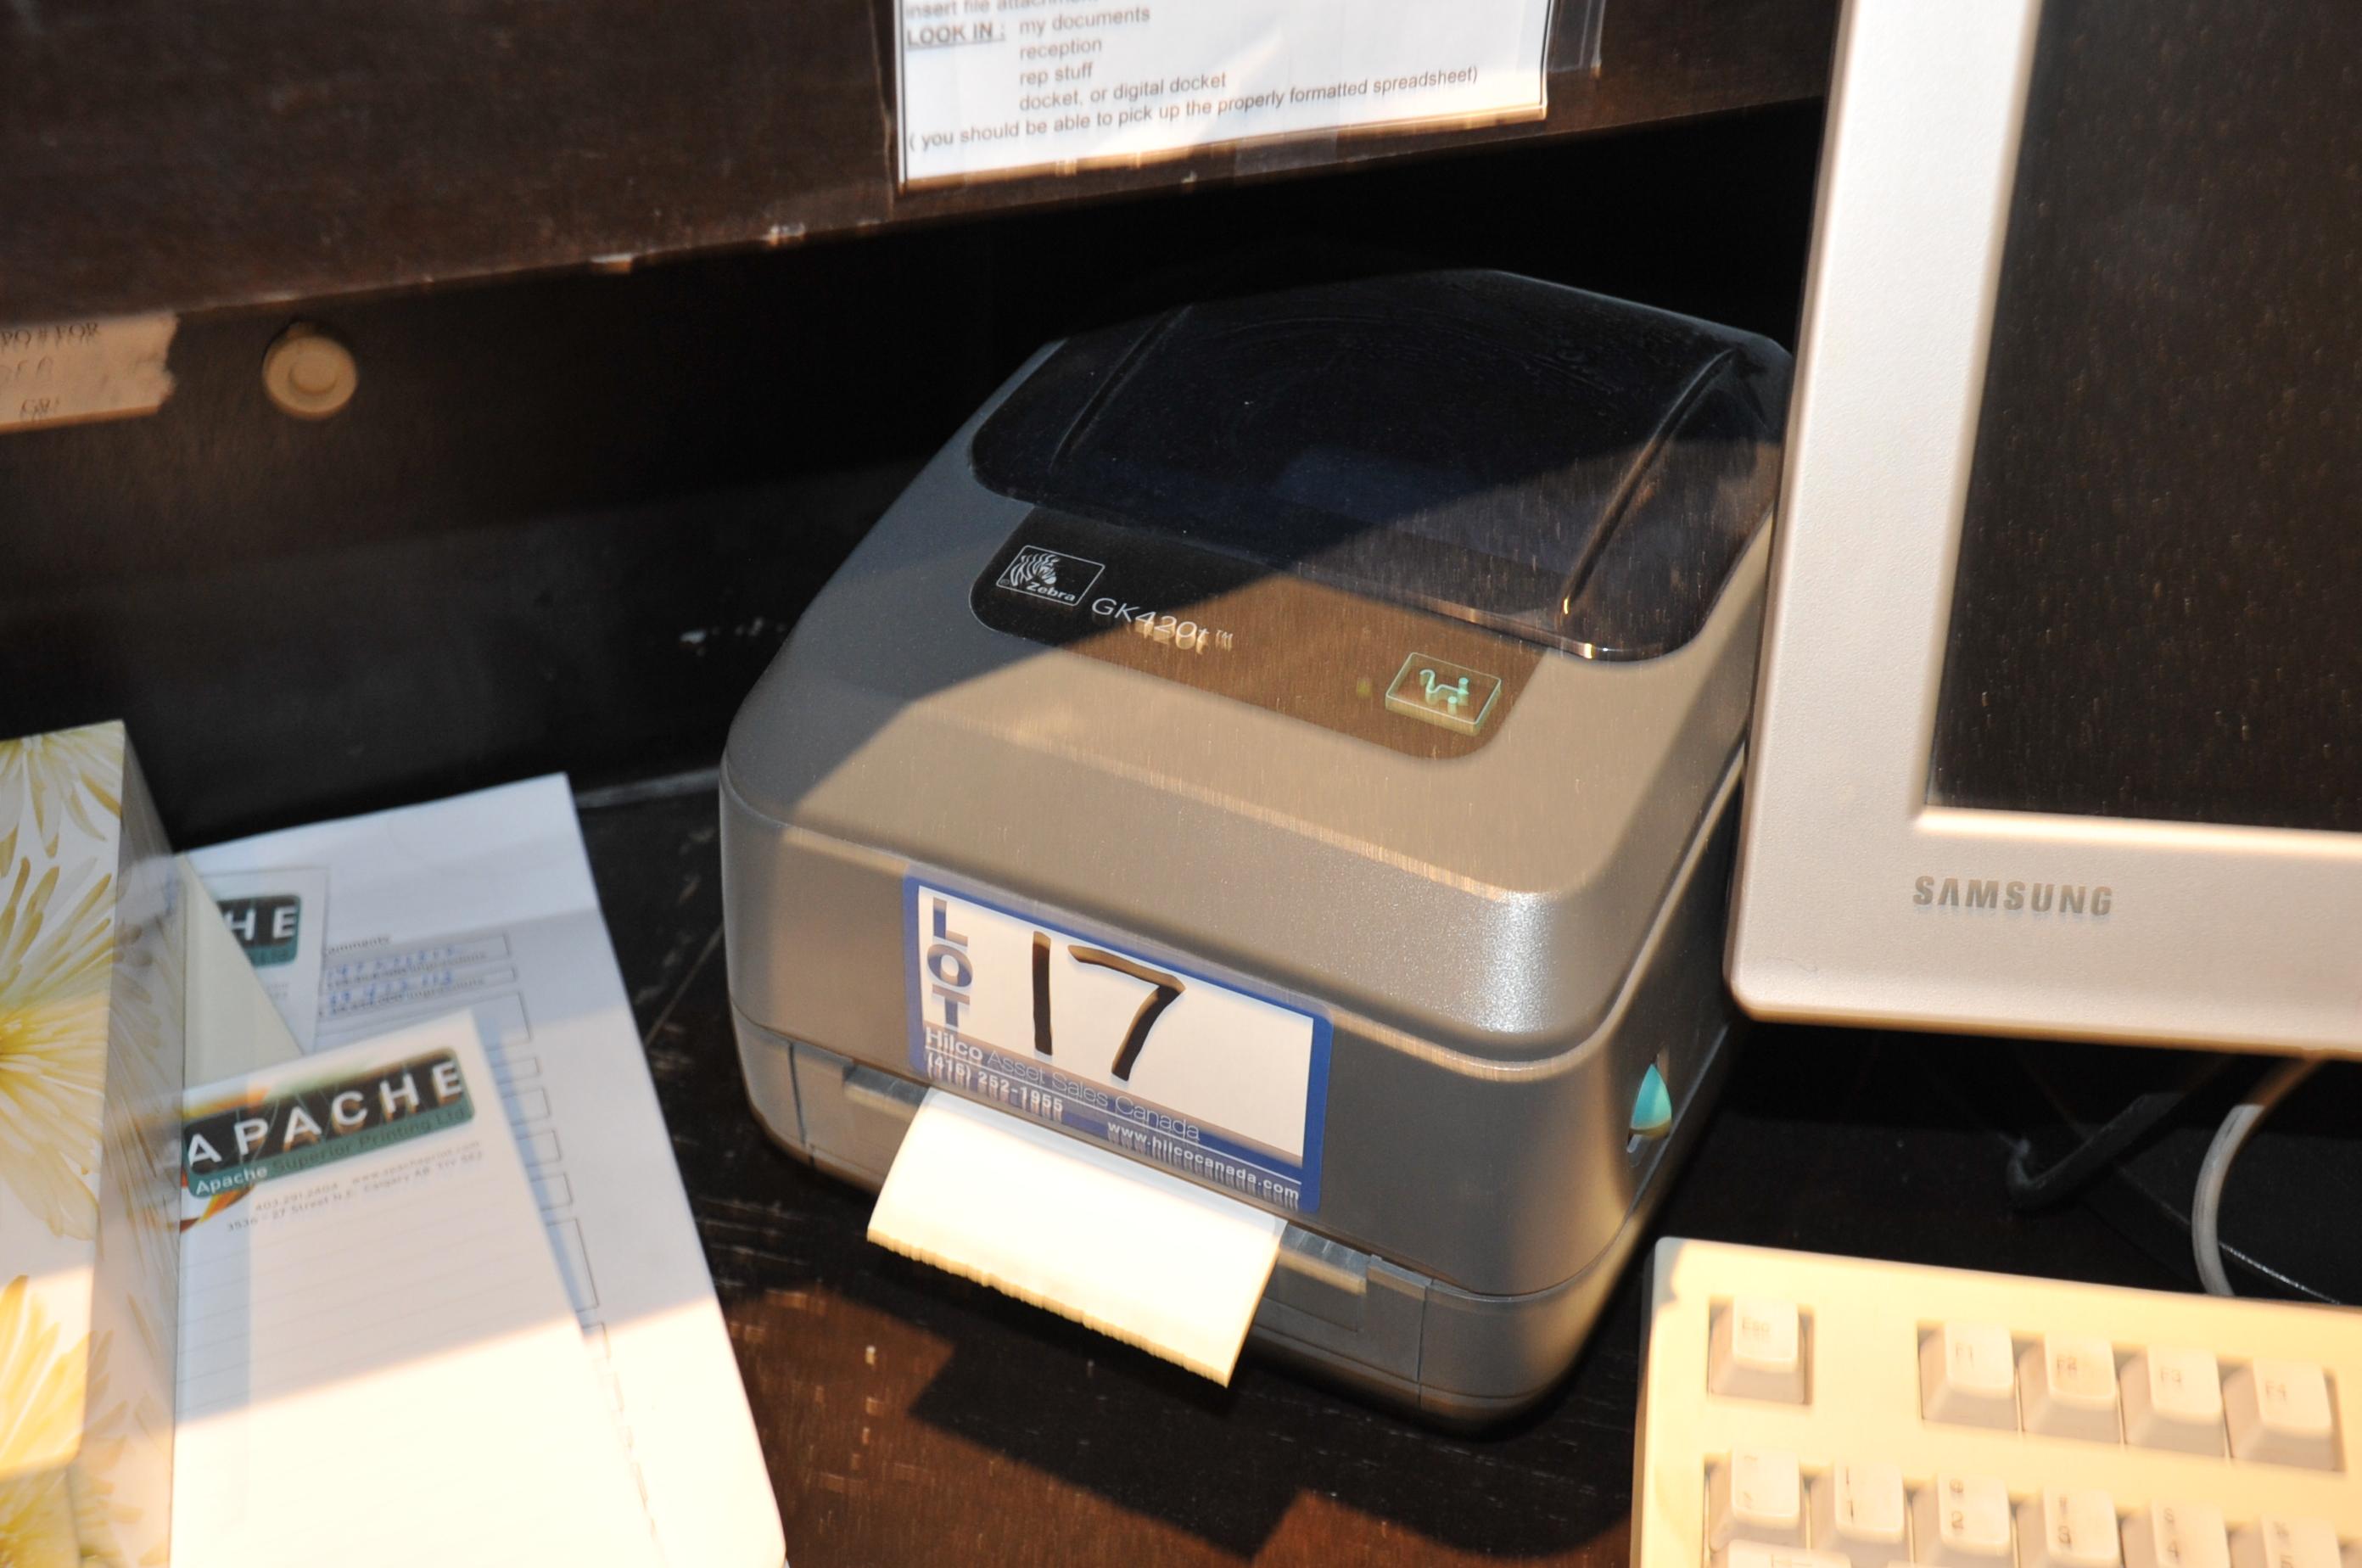 Zebra Model GK420T Label Printer